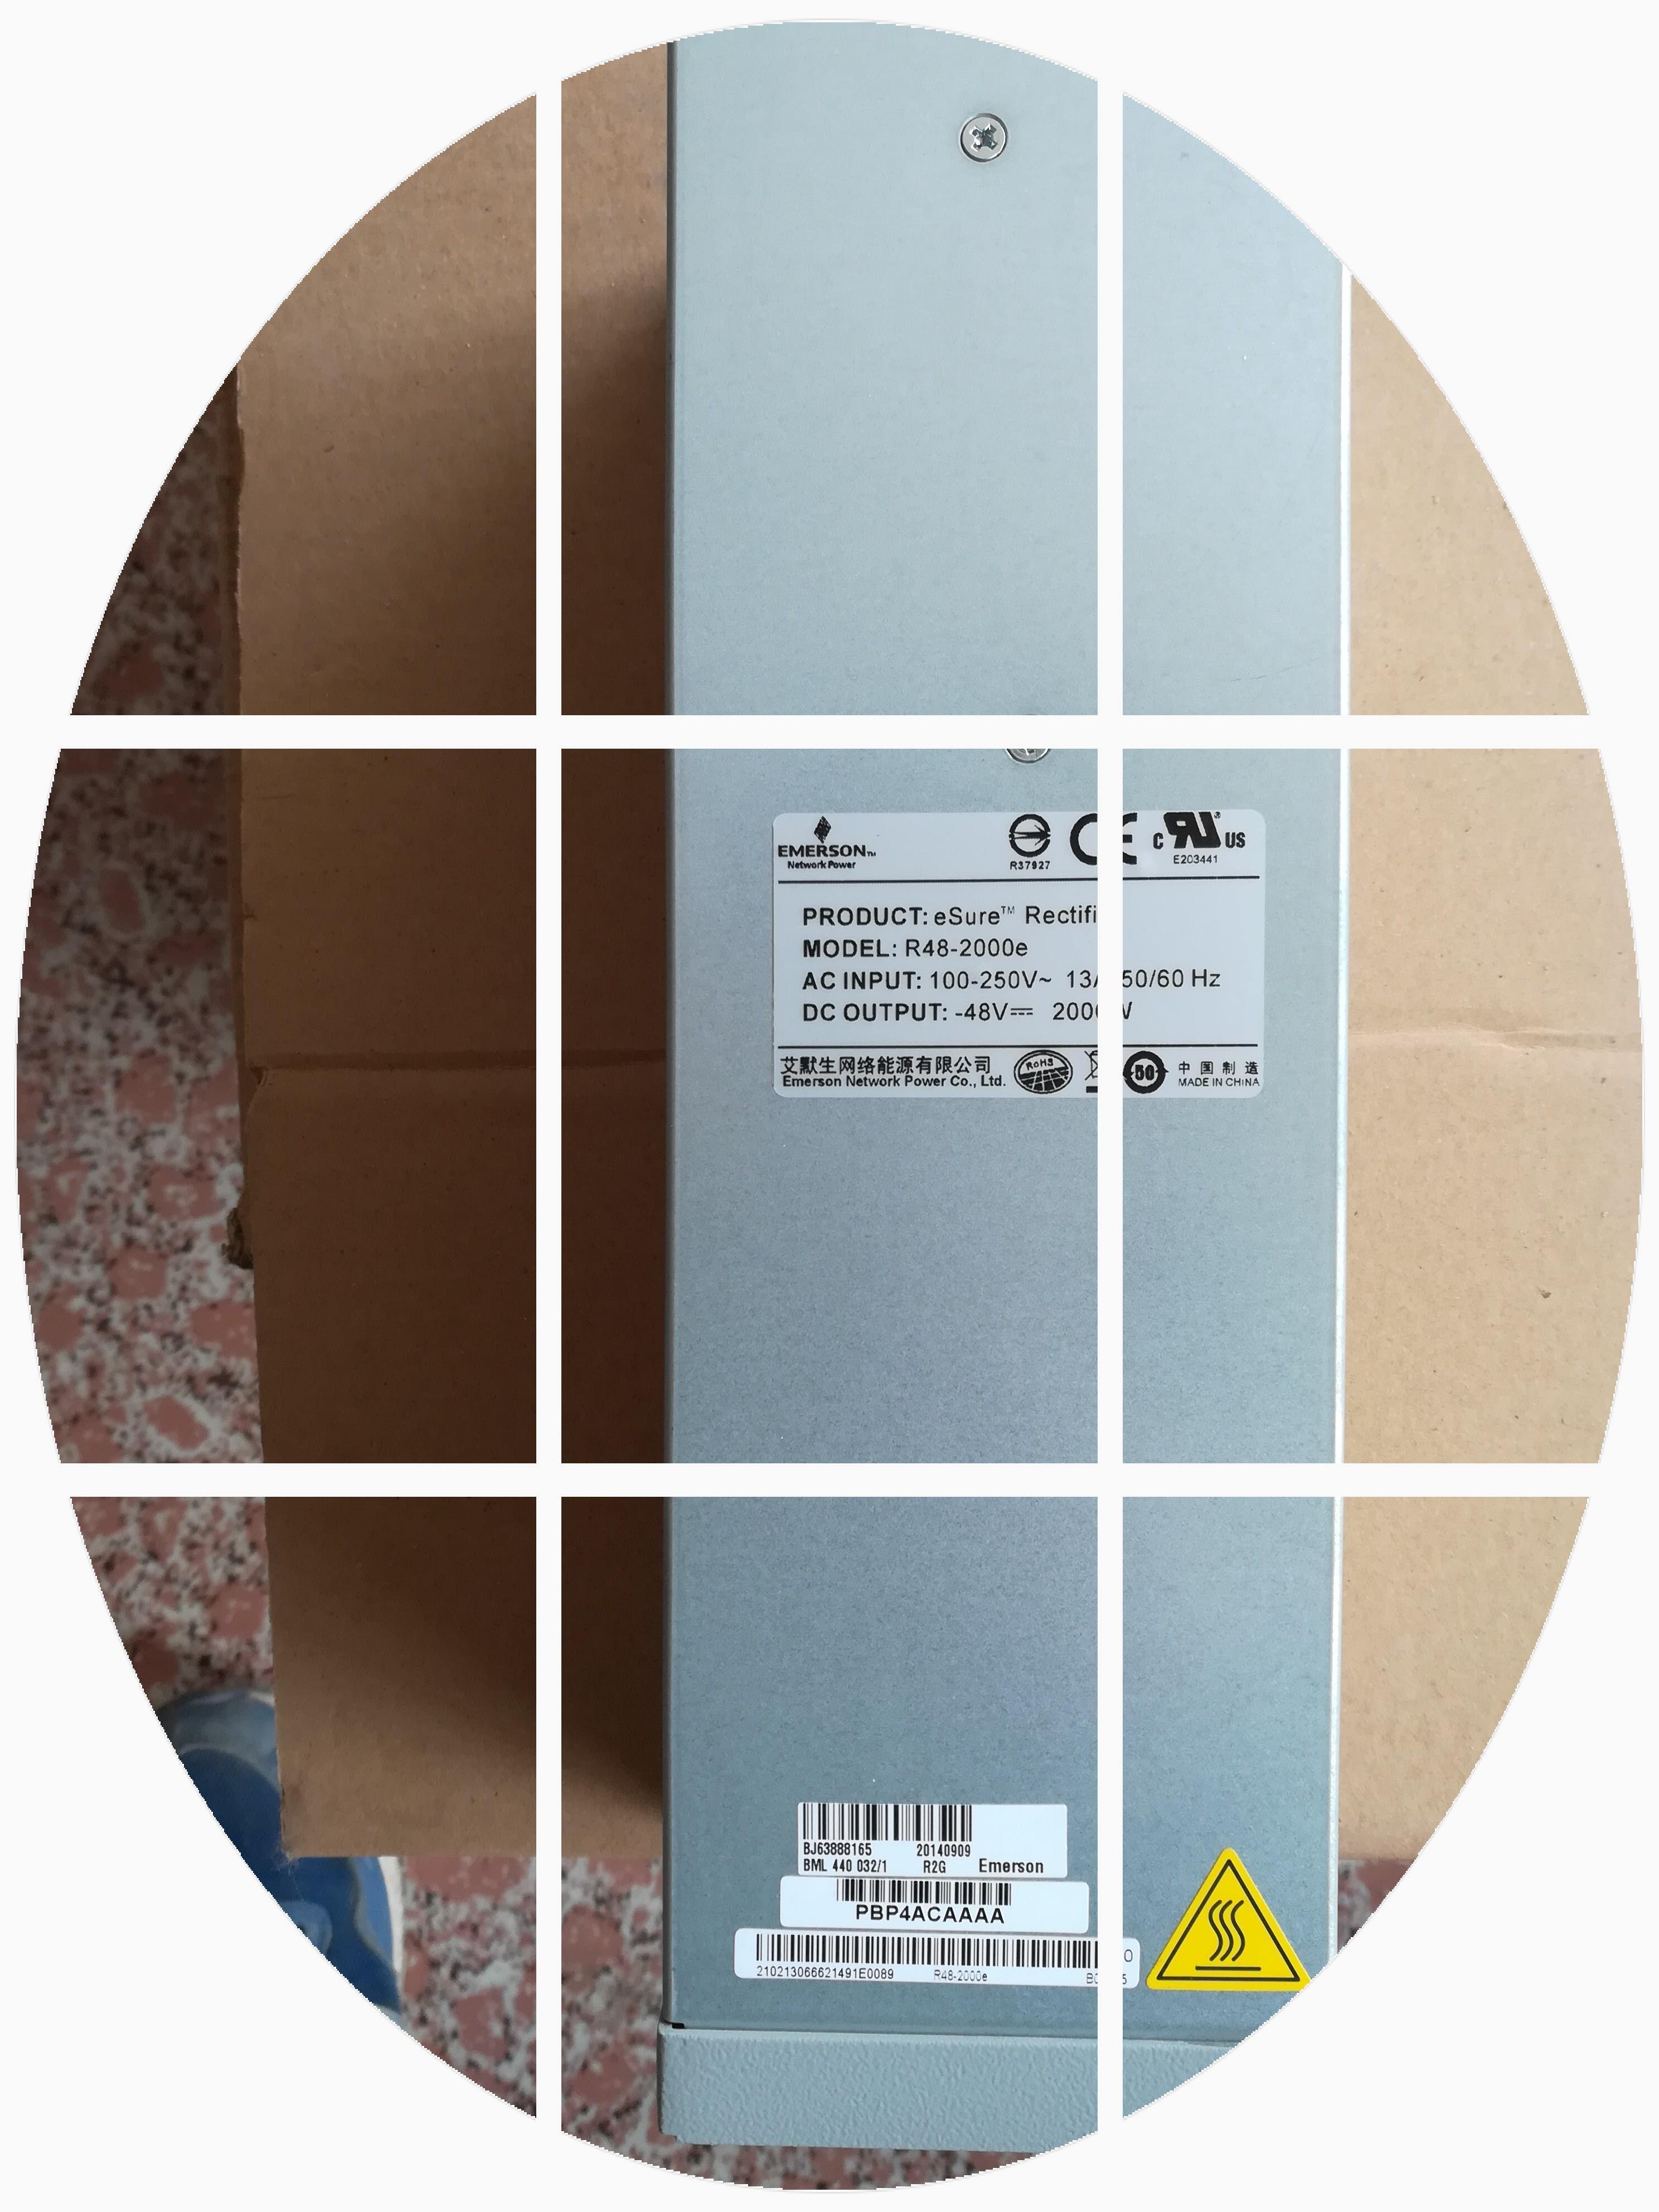 модуль электропитания новой оригинальной упаковке Эмерсон R48-2000E продавать дешевле, качество и количество